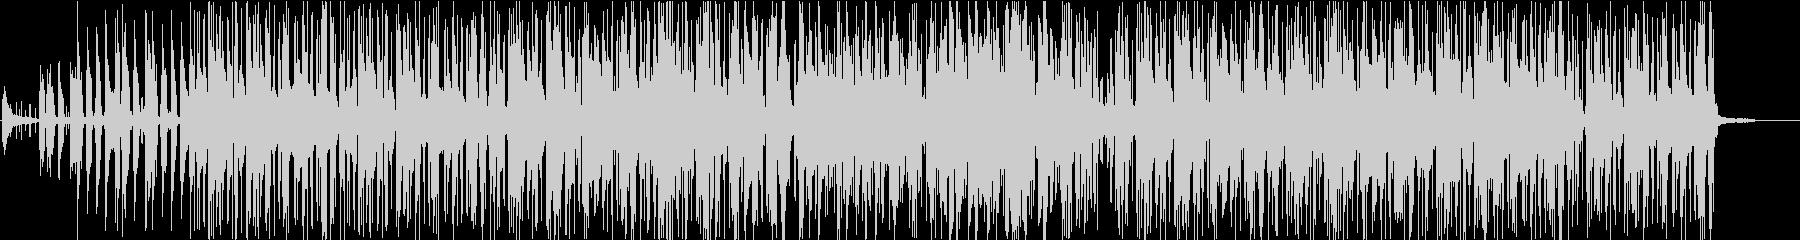 フュージョンでジャズな曲の未再生の波形